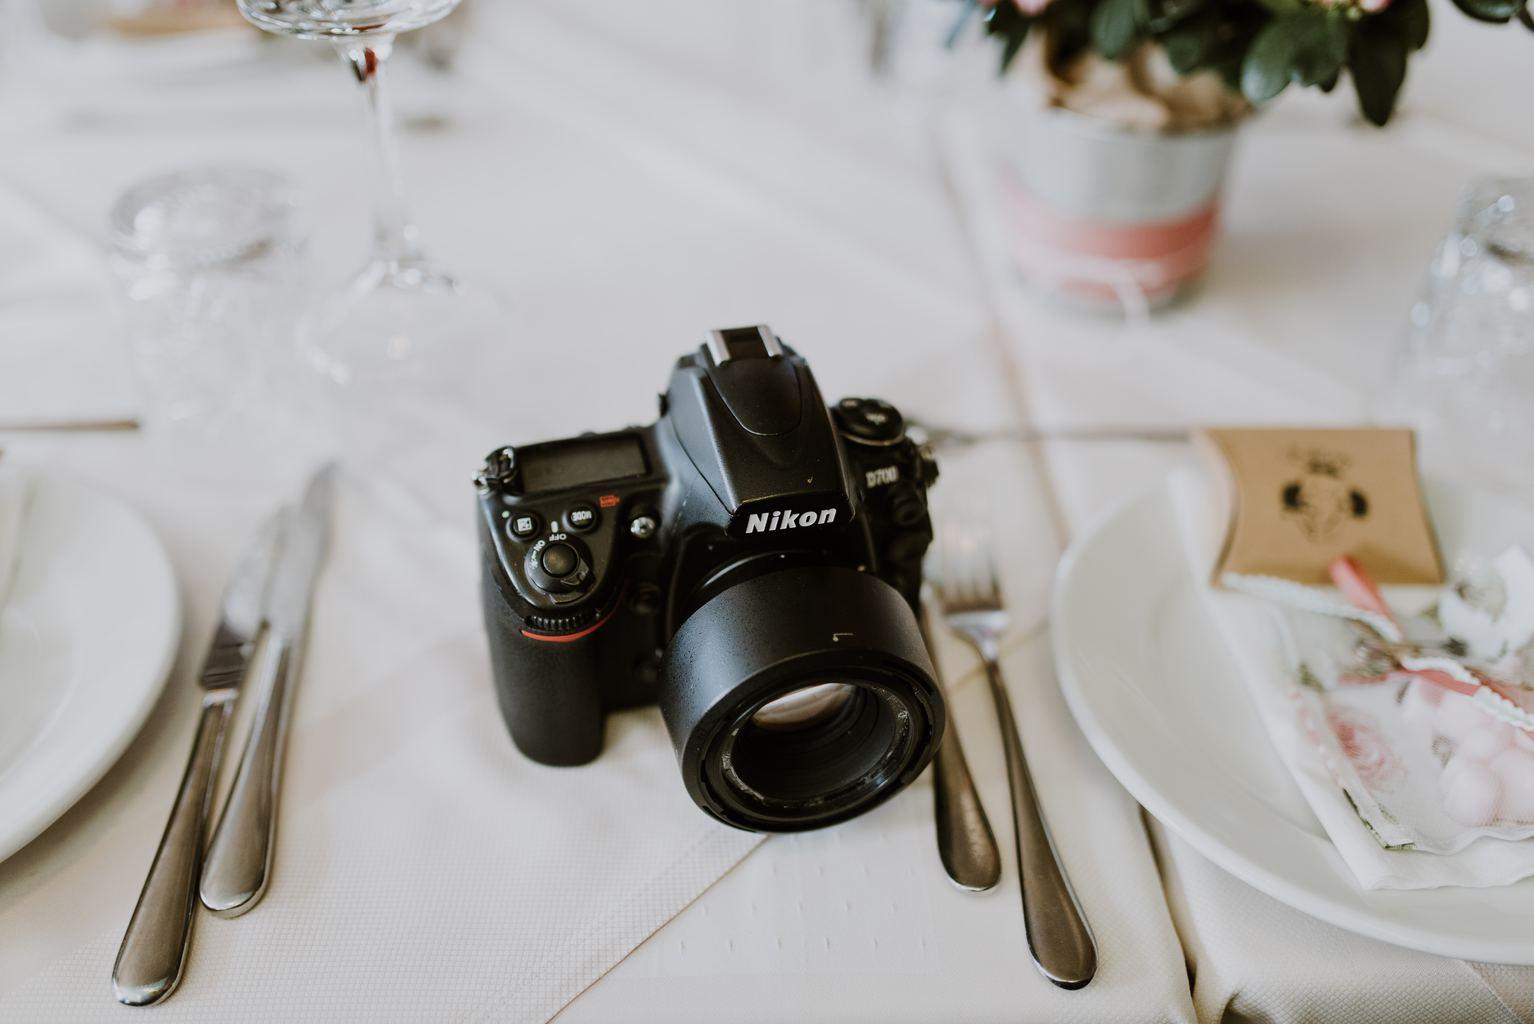 Cámara Nikon sobre mesa de restaurante